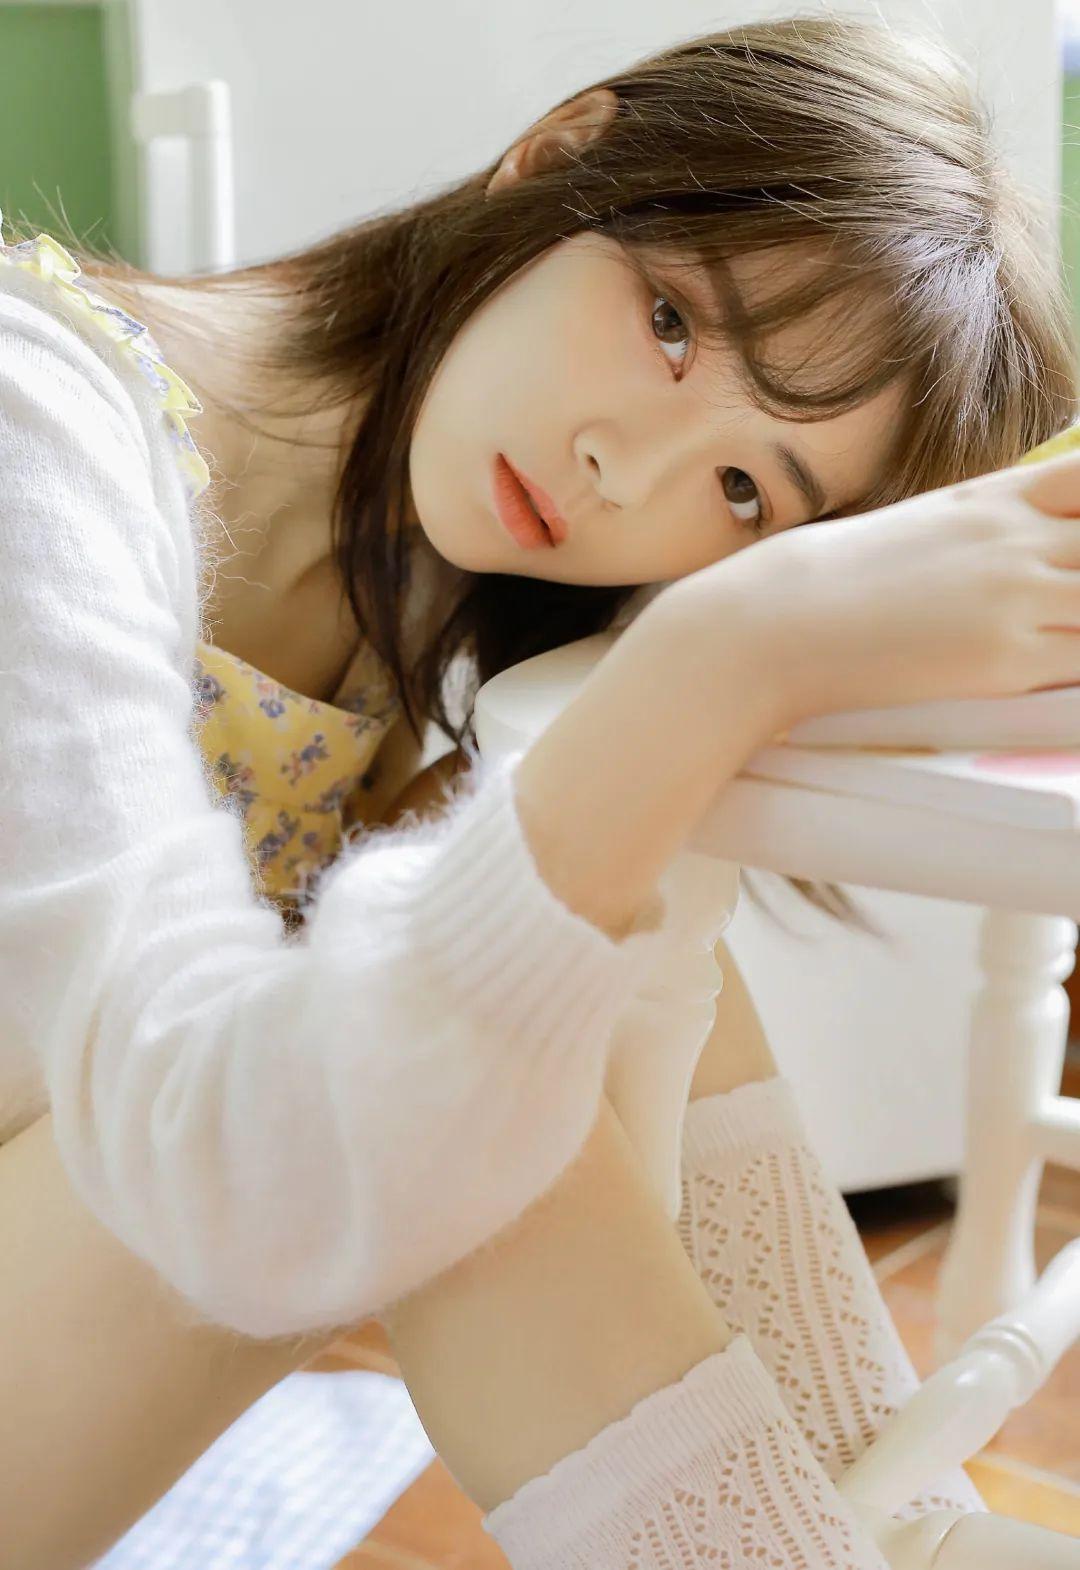 妹子摄影 – 青春少女白色小腿袜_图片 No.4